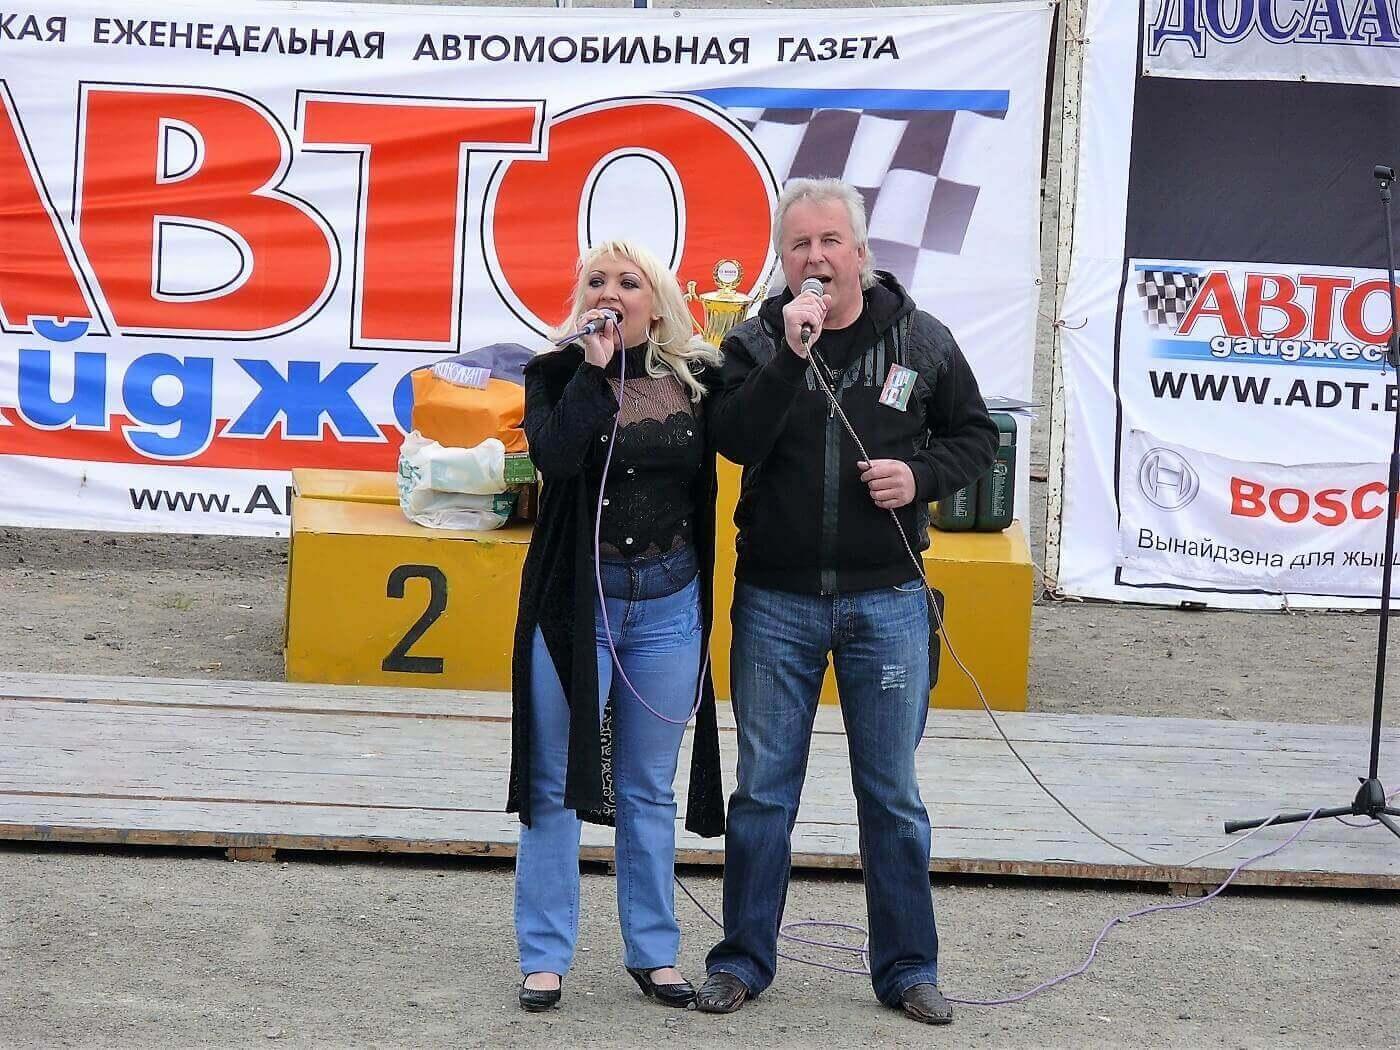 Кубок Бош по треку между Украиной и Беларусью